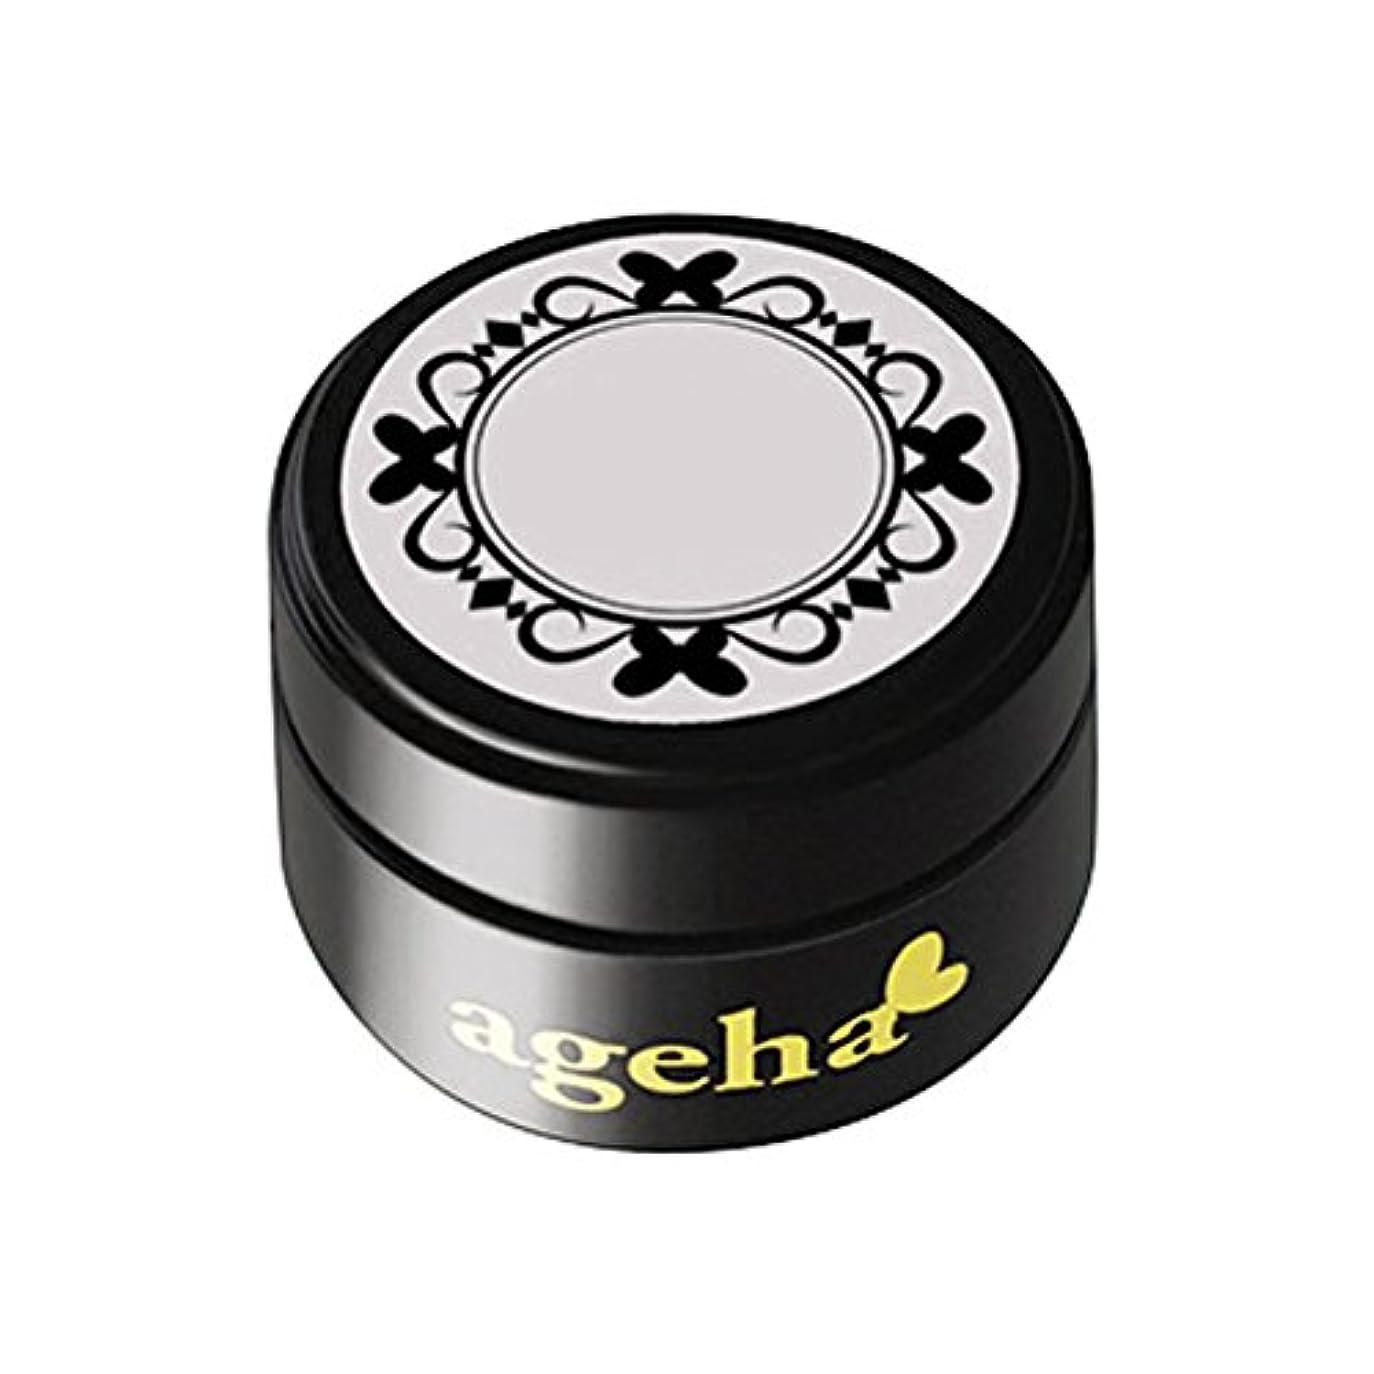 同意狂乱フライトageha gel カラージェル コスメカラー 201 ブラック 2.7g UV/LED対応